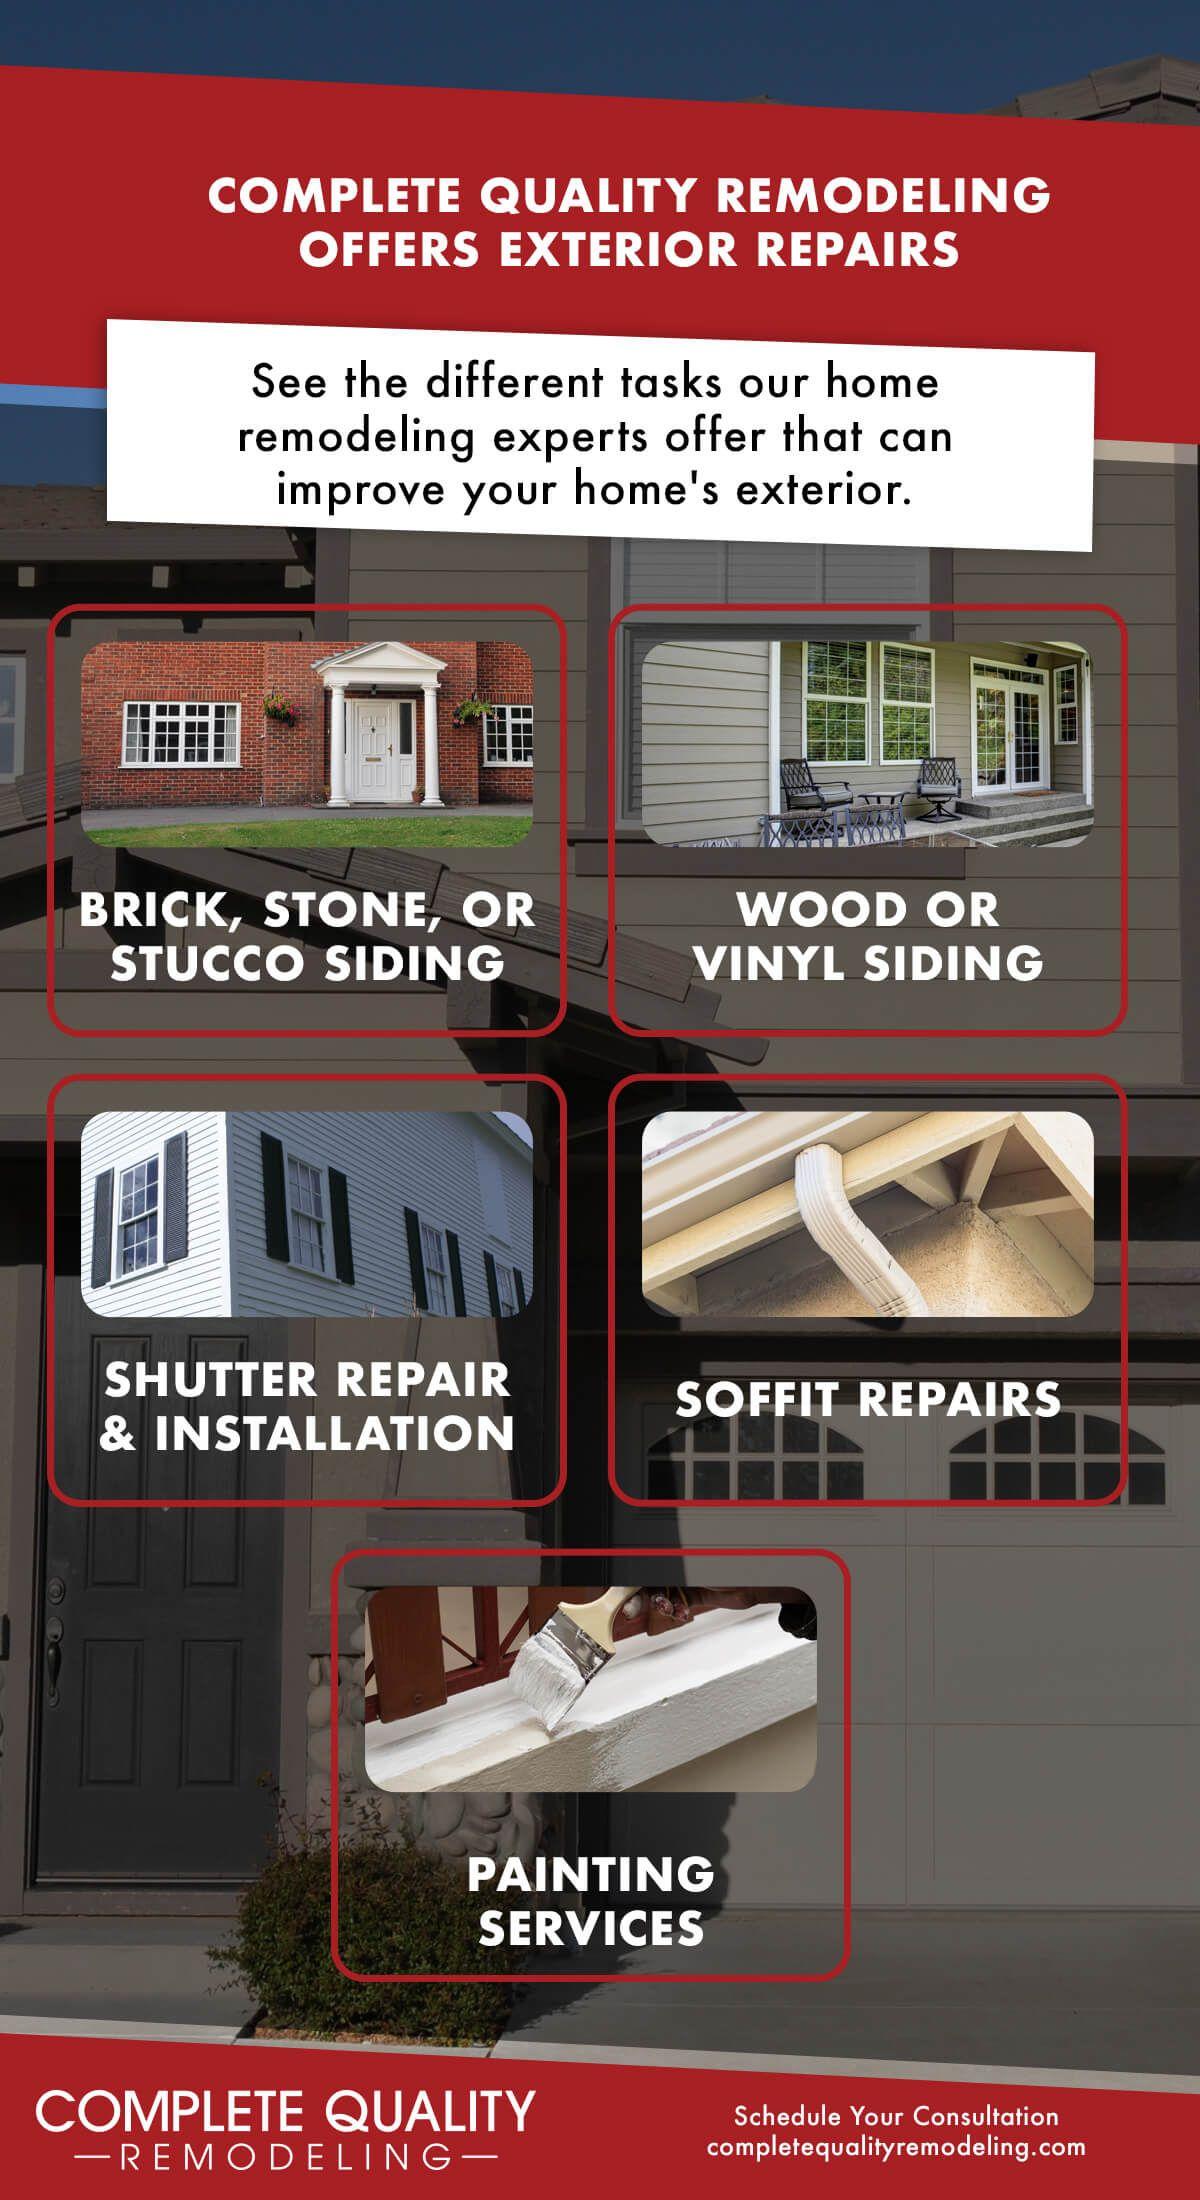 exteriorrepairs (1).jpg